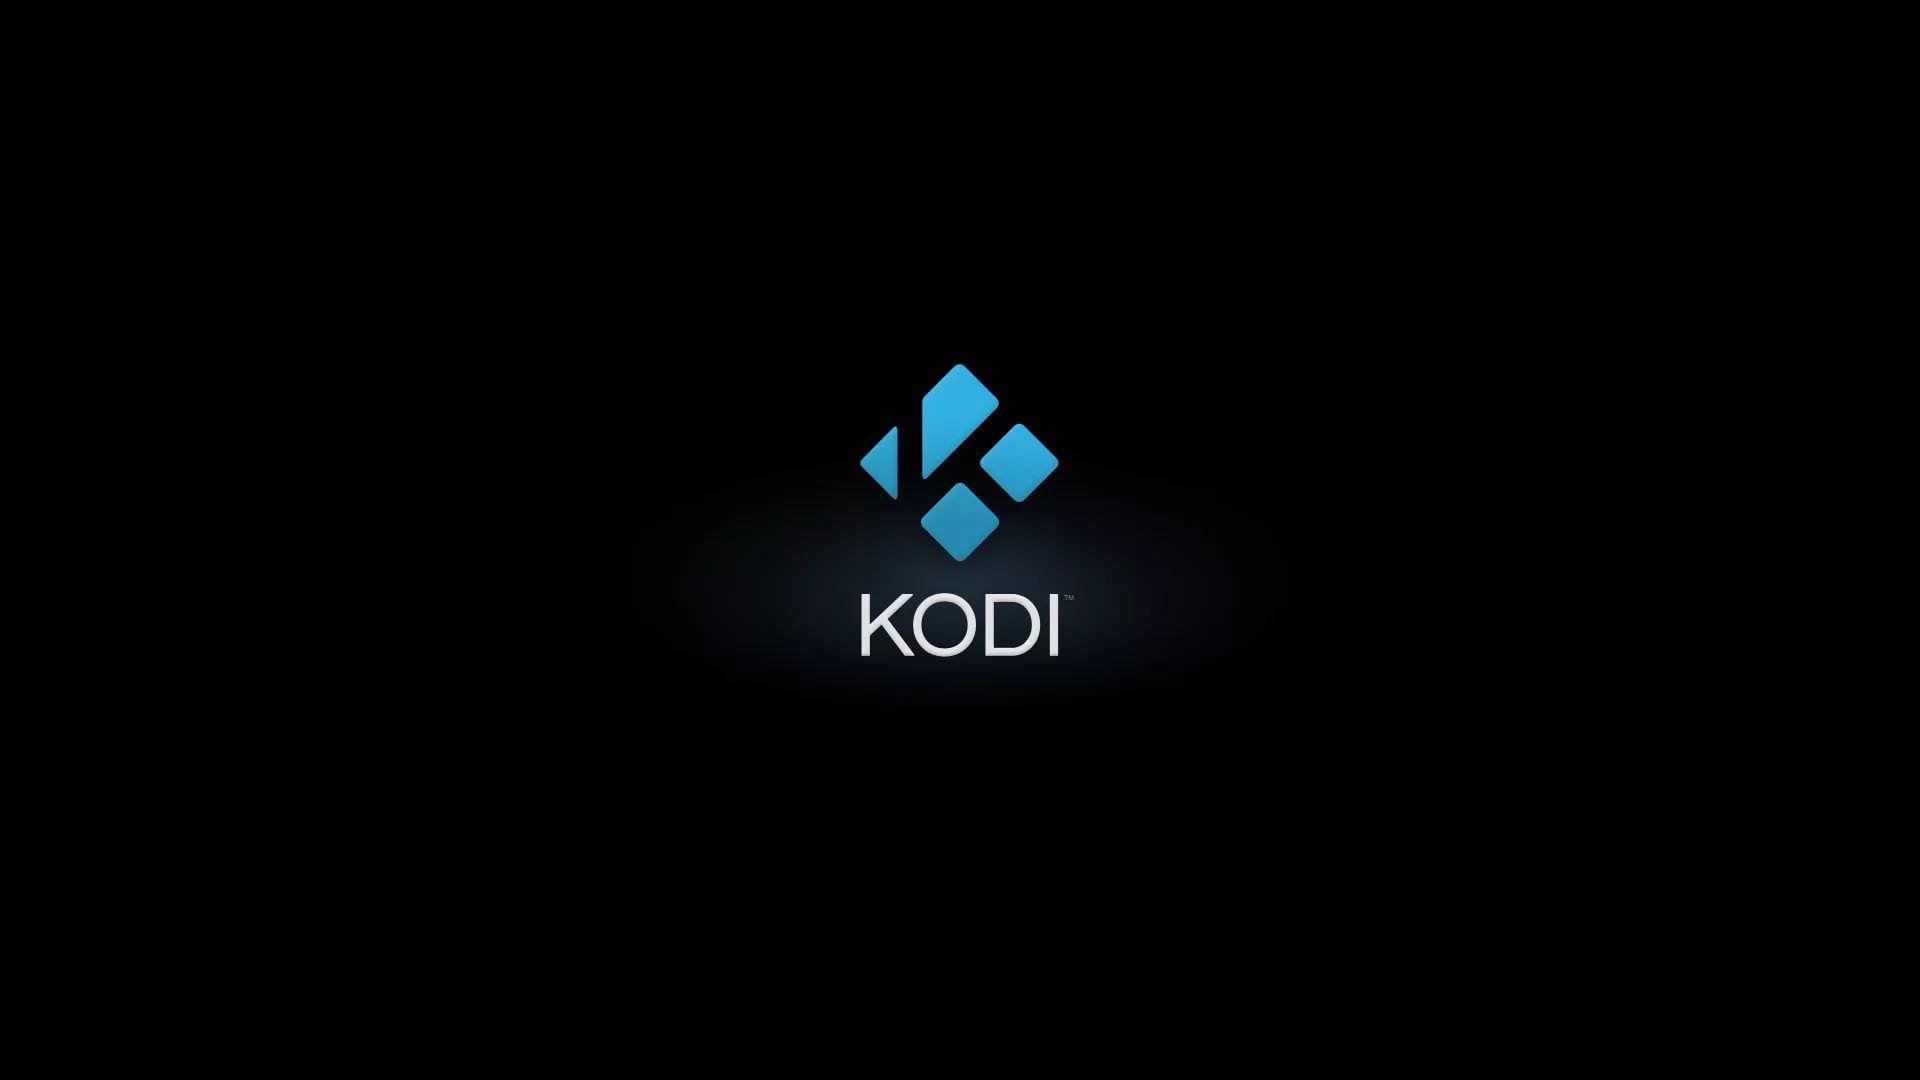 Kodi a wallpaper